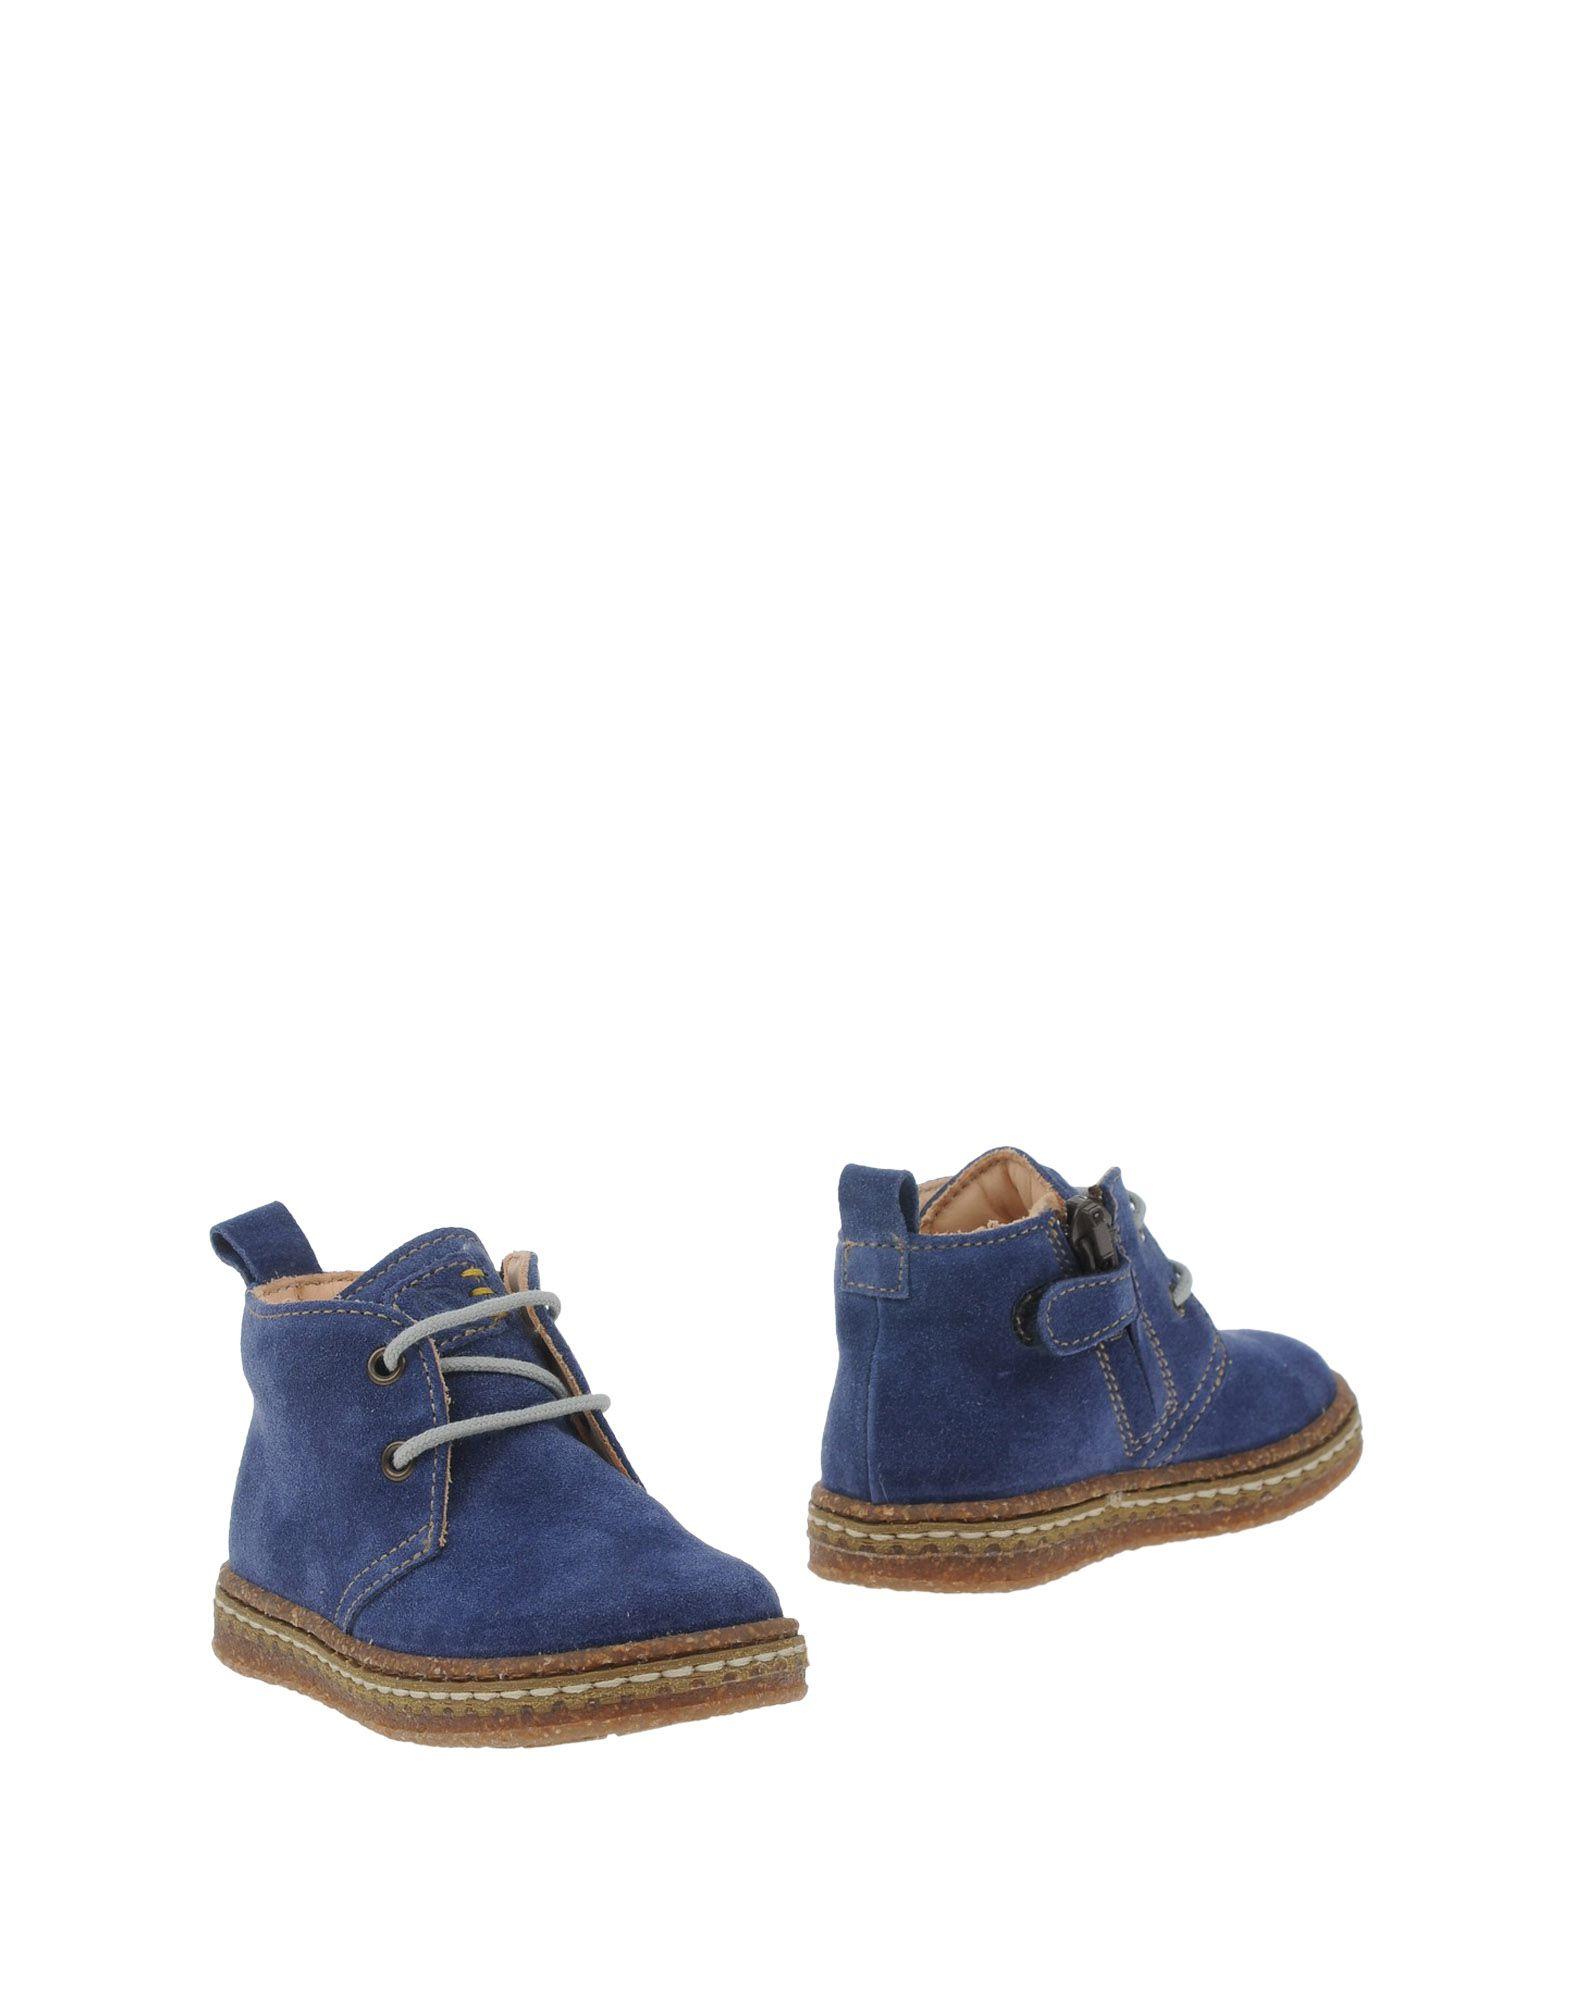 OCRA Jungen 0-24 monate Stiefelette Farbe Taubenblau Größe 38